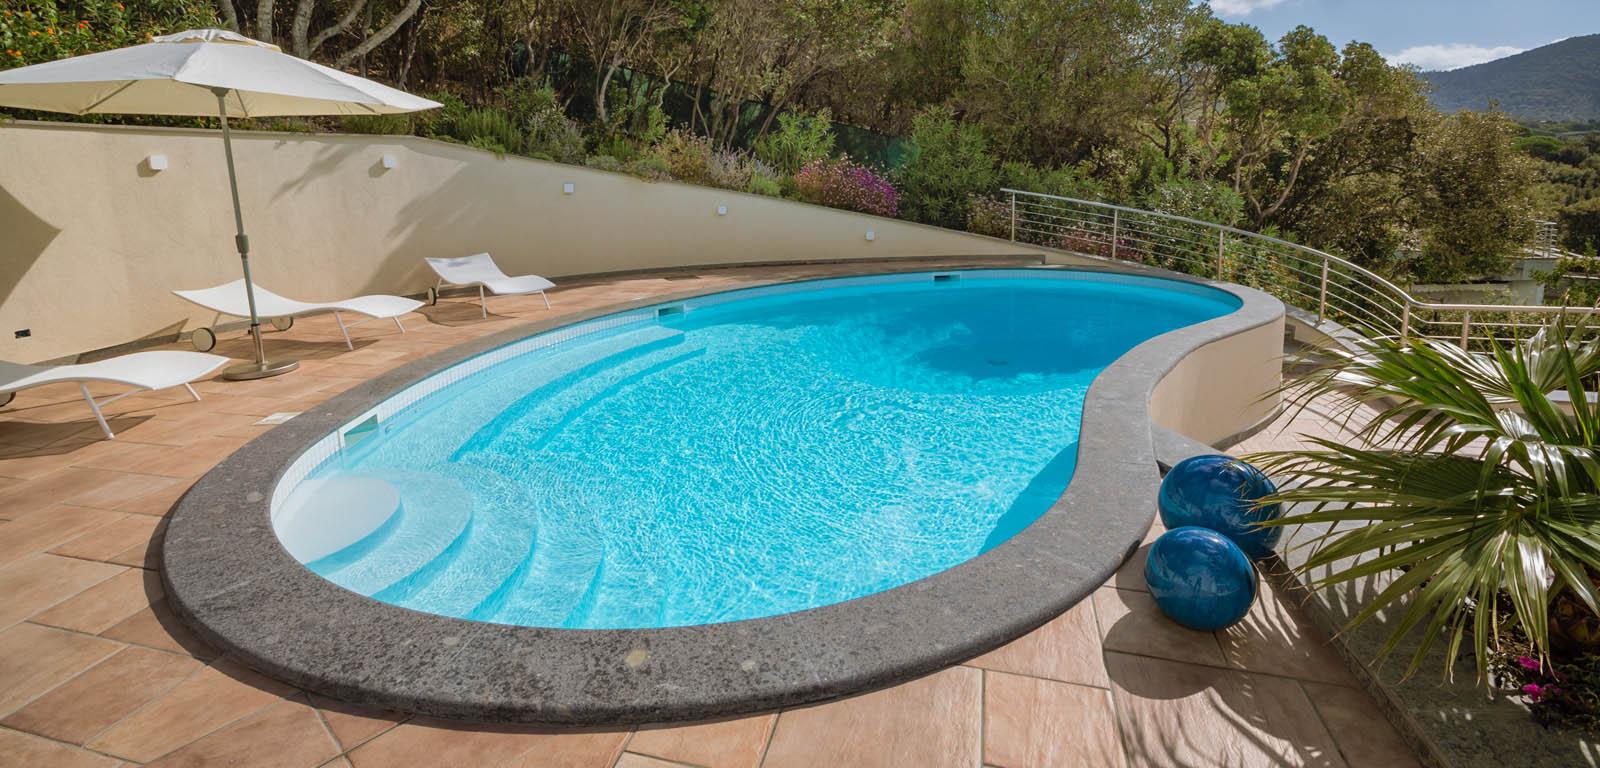 Piscine fuori terra esterne e rialzate piscine castiglione for Castiglione piscine